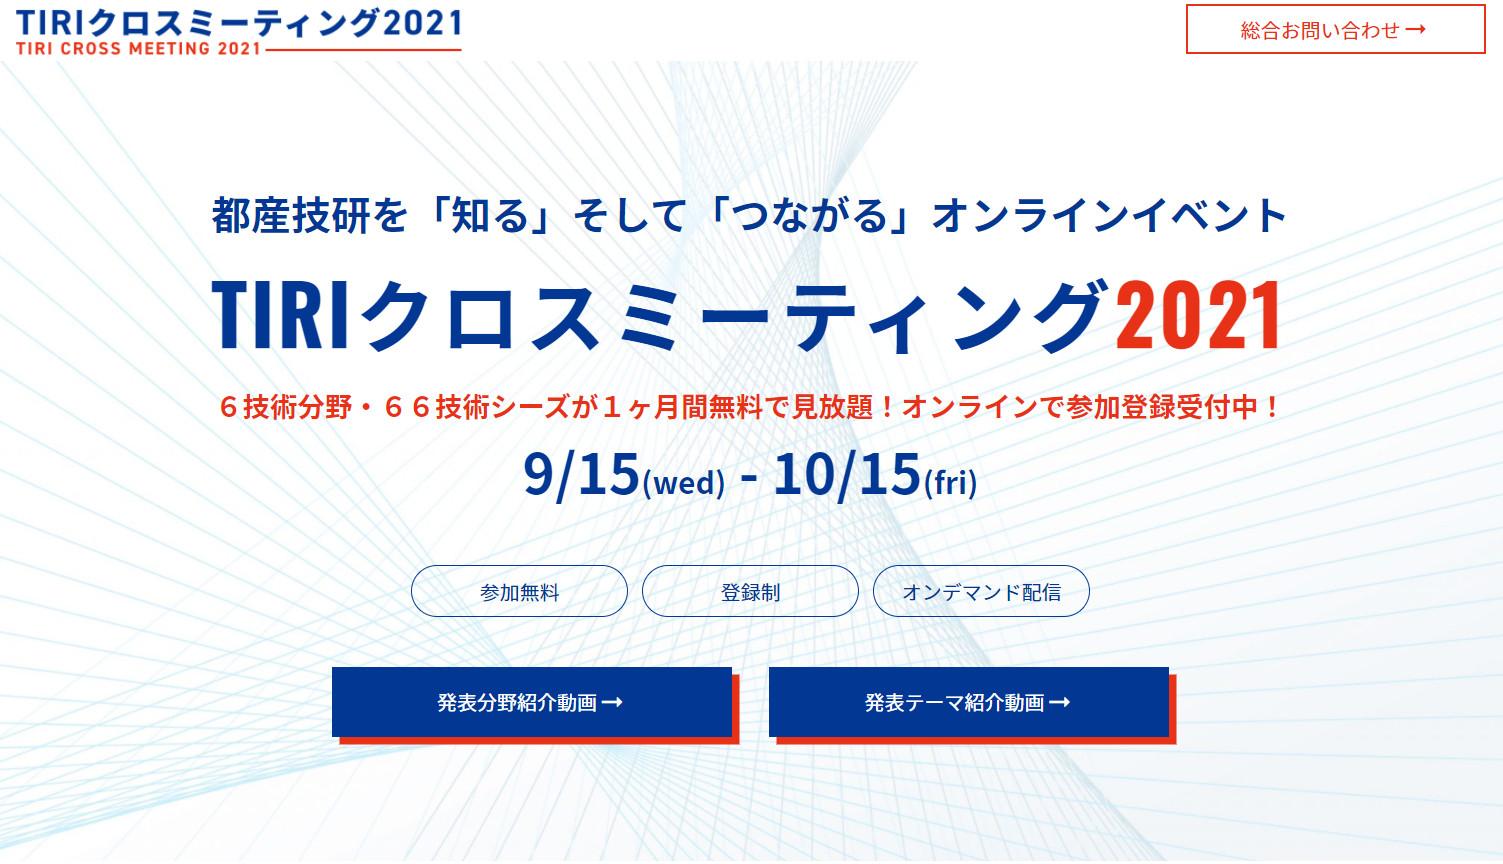 技術支援を必要とする中小企業向けのオンラインイベント 都産技研が9月15日~10月15日開催 画像1